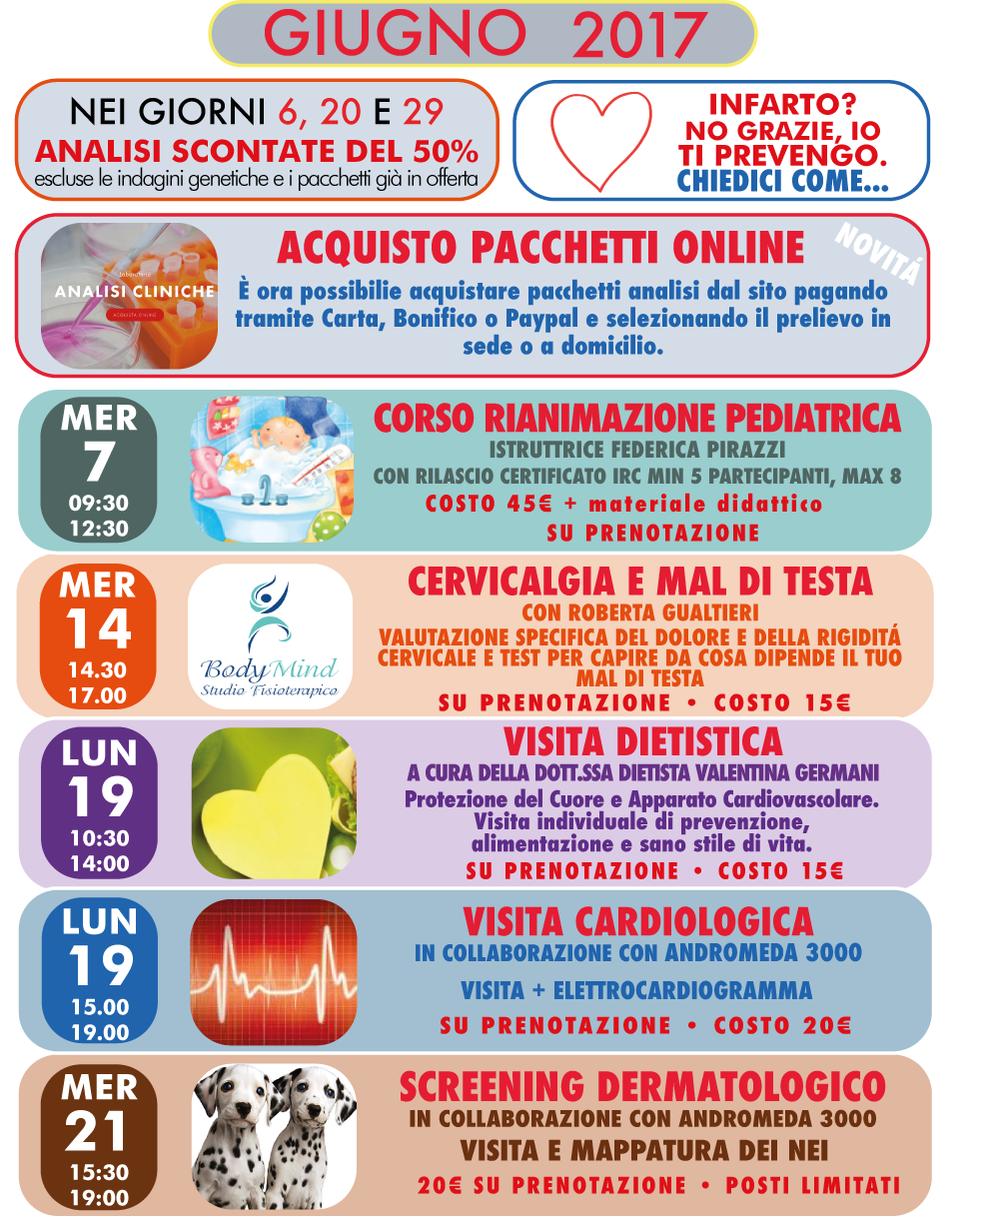 Eventi offerte giugno 2017 Centro Analisi Piave